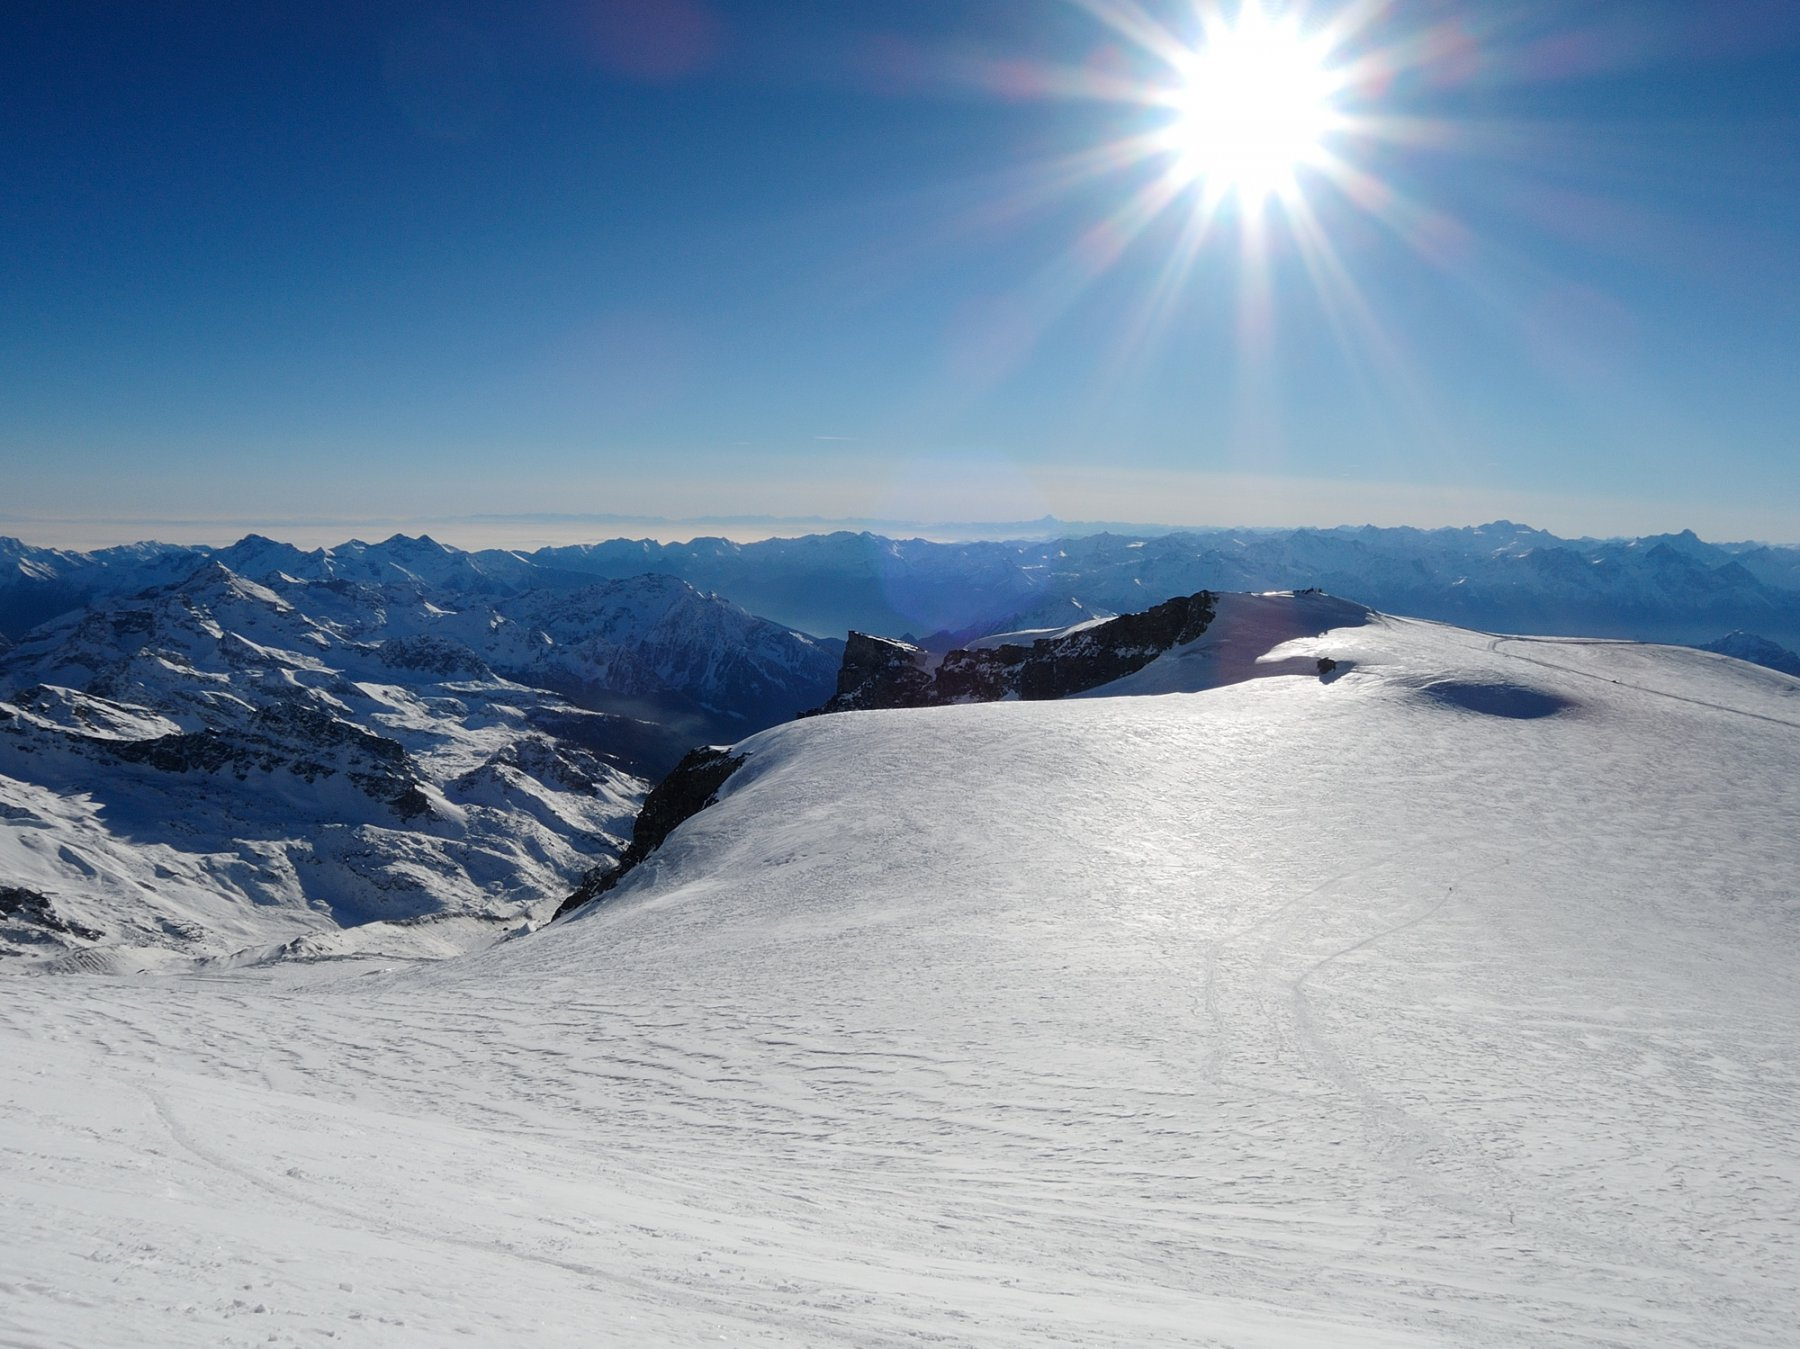 Plateau del Breithorn, foschia in pianura e all'orizzonte il Monviso